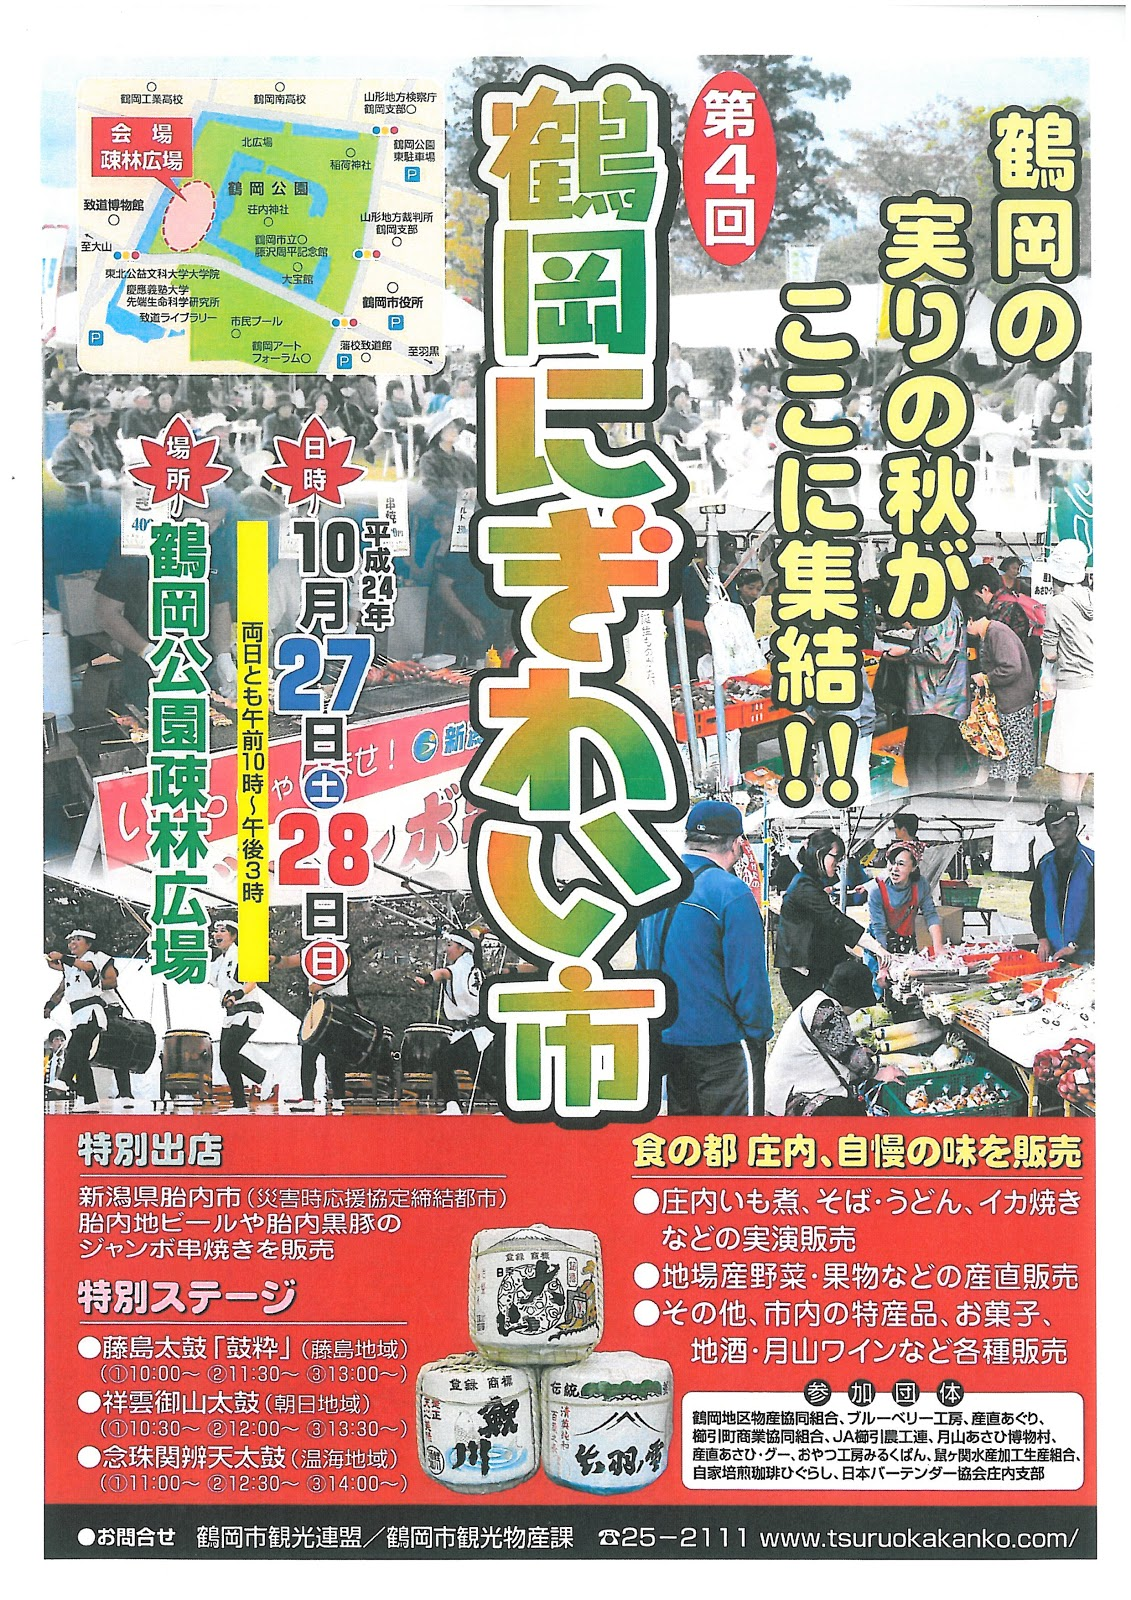 ひとつ前のページに戻る くわしくは・・・鶴岡市観光連盟HPをチェック!(*^^)v ◎ひとつ前.